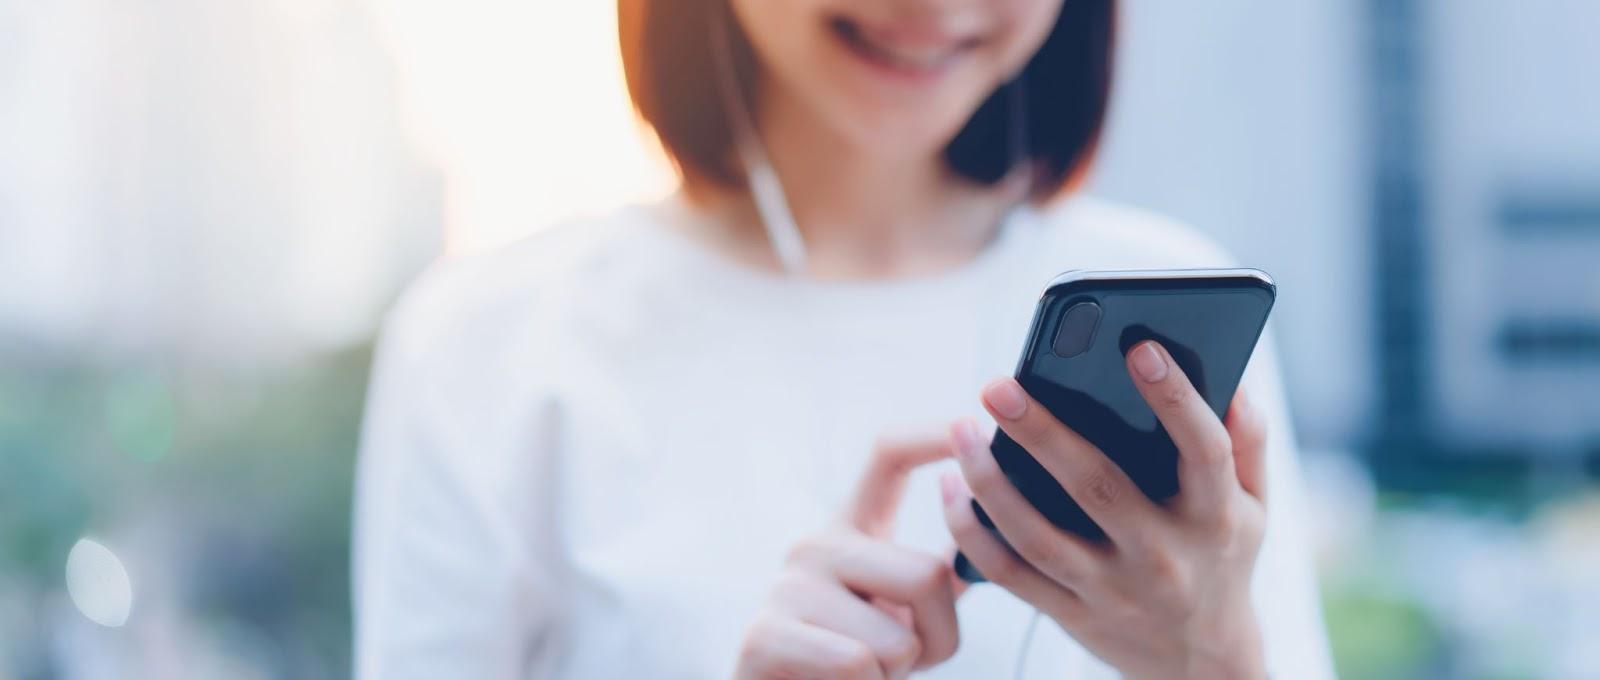 Uma pesquisa realizada pelo site Mobile Time em parceria com a Opinion Box em 2020 mostrou que mais de 100 milhões de celulares já foram roubados ou furtados no Brasil.   Mesmo com esse número alarmante, muitas pessoas ainda têm dúvida se vale a pena ou não investir em um seguro de celular.  Continue lendo e entenda o assunto! Como funciona o seguro de celular?  Assim como um seguro de carro ou um seguro viagem, contar com a proteção de um seguro de celular também é muito importante.   Sabemos que, por mais que a gente não goste de pensar nesse assunto, imprevistos podem sim acontecer.   Se você tem dúvidas sobre como fazer seguro de celular, vamos te explicar. O seguro de celular é um acordo feito entre o segurado e a seguradora, por intermédio de uma corretora de seguros de confiança.   Será cobrado um valor mensal, sendo esse pagamento podendo ser realizado à vista ou parcelado.  Em caso de sinistro, será cobrado do segurado um valor referente a franquia, prevista em apólice. A indenização poderá ser recebida tanto em dinheiro ou como um novo aparelho, dependendo da seguradora.  É importante destacar que, para realizar um seguro de celular, geralmente pede-se que o aparelho tenha até 12 meses (um ano) de uso e, claro, deve possuir nota fiscal.* Seguro de celular: conheça as coberturas Muitas pessoas enxergam esse seguro como um seguro contra roubo de celular.  Porém, essa não é a única cobertura. Conheça outras coberturas que o seguro de celular também pode cobrir:  Danos elétricos (curtos-circuitos, por exemplo);* Danos físicos, como quedas;* Danos por líquidos (queda acidental na piscina, por exemplo);* Furtos ou roubos.*  Vale lembrar que, em casos de roubo ou furto qualificado, é necessário registrar o Boletim de Ocorrência (BO) antes de acionar a seguradora.  *Consulte seu corretor para condições de contratação. Seguro de celular cobre tela quebrada? Contanto que esteja previsto em apólice, algumas seguradoras podem sim auxiliar o segurado em caso de tela qu